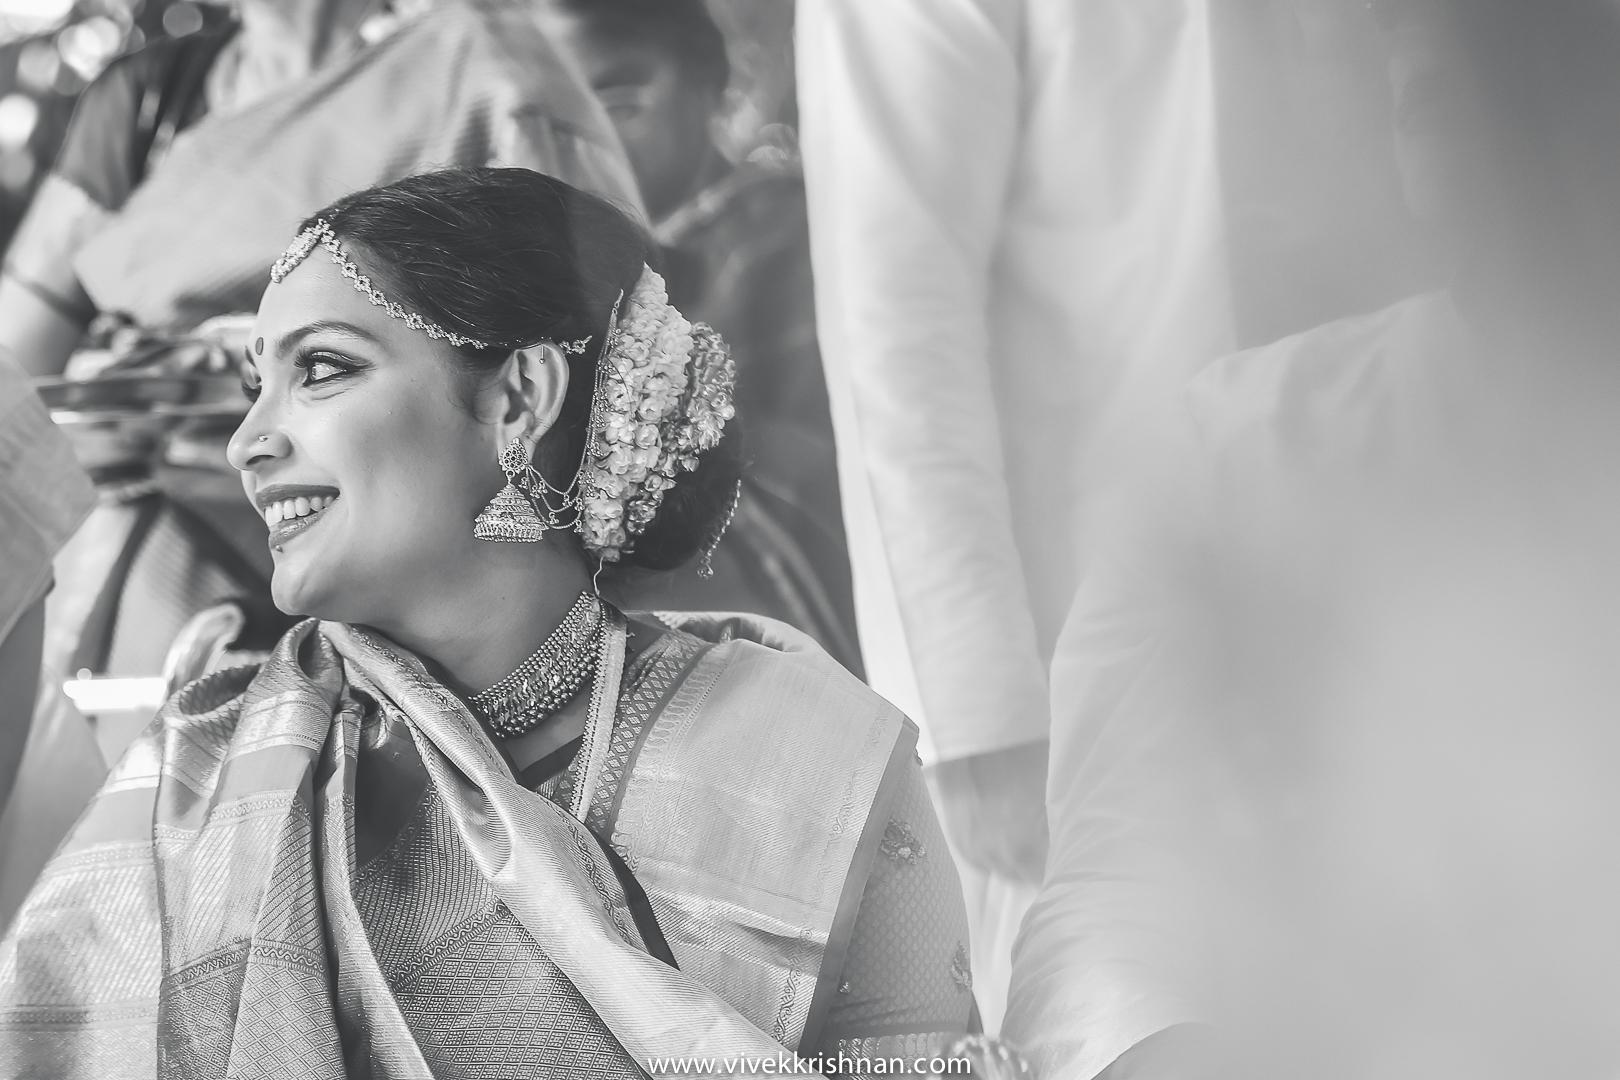 wedding photography, wedding photographers, candid wedding photographer, unplugged wedding photography